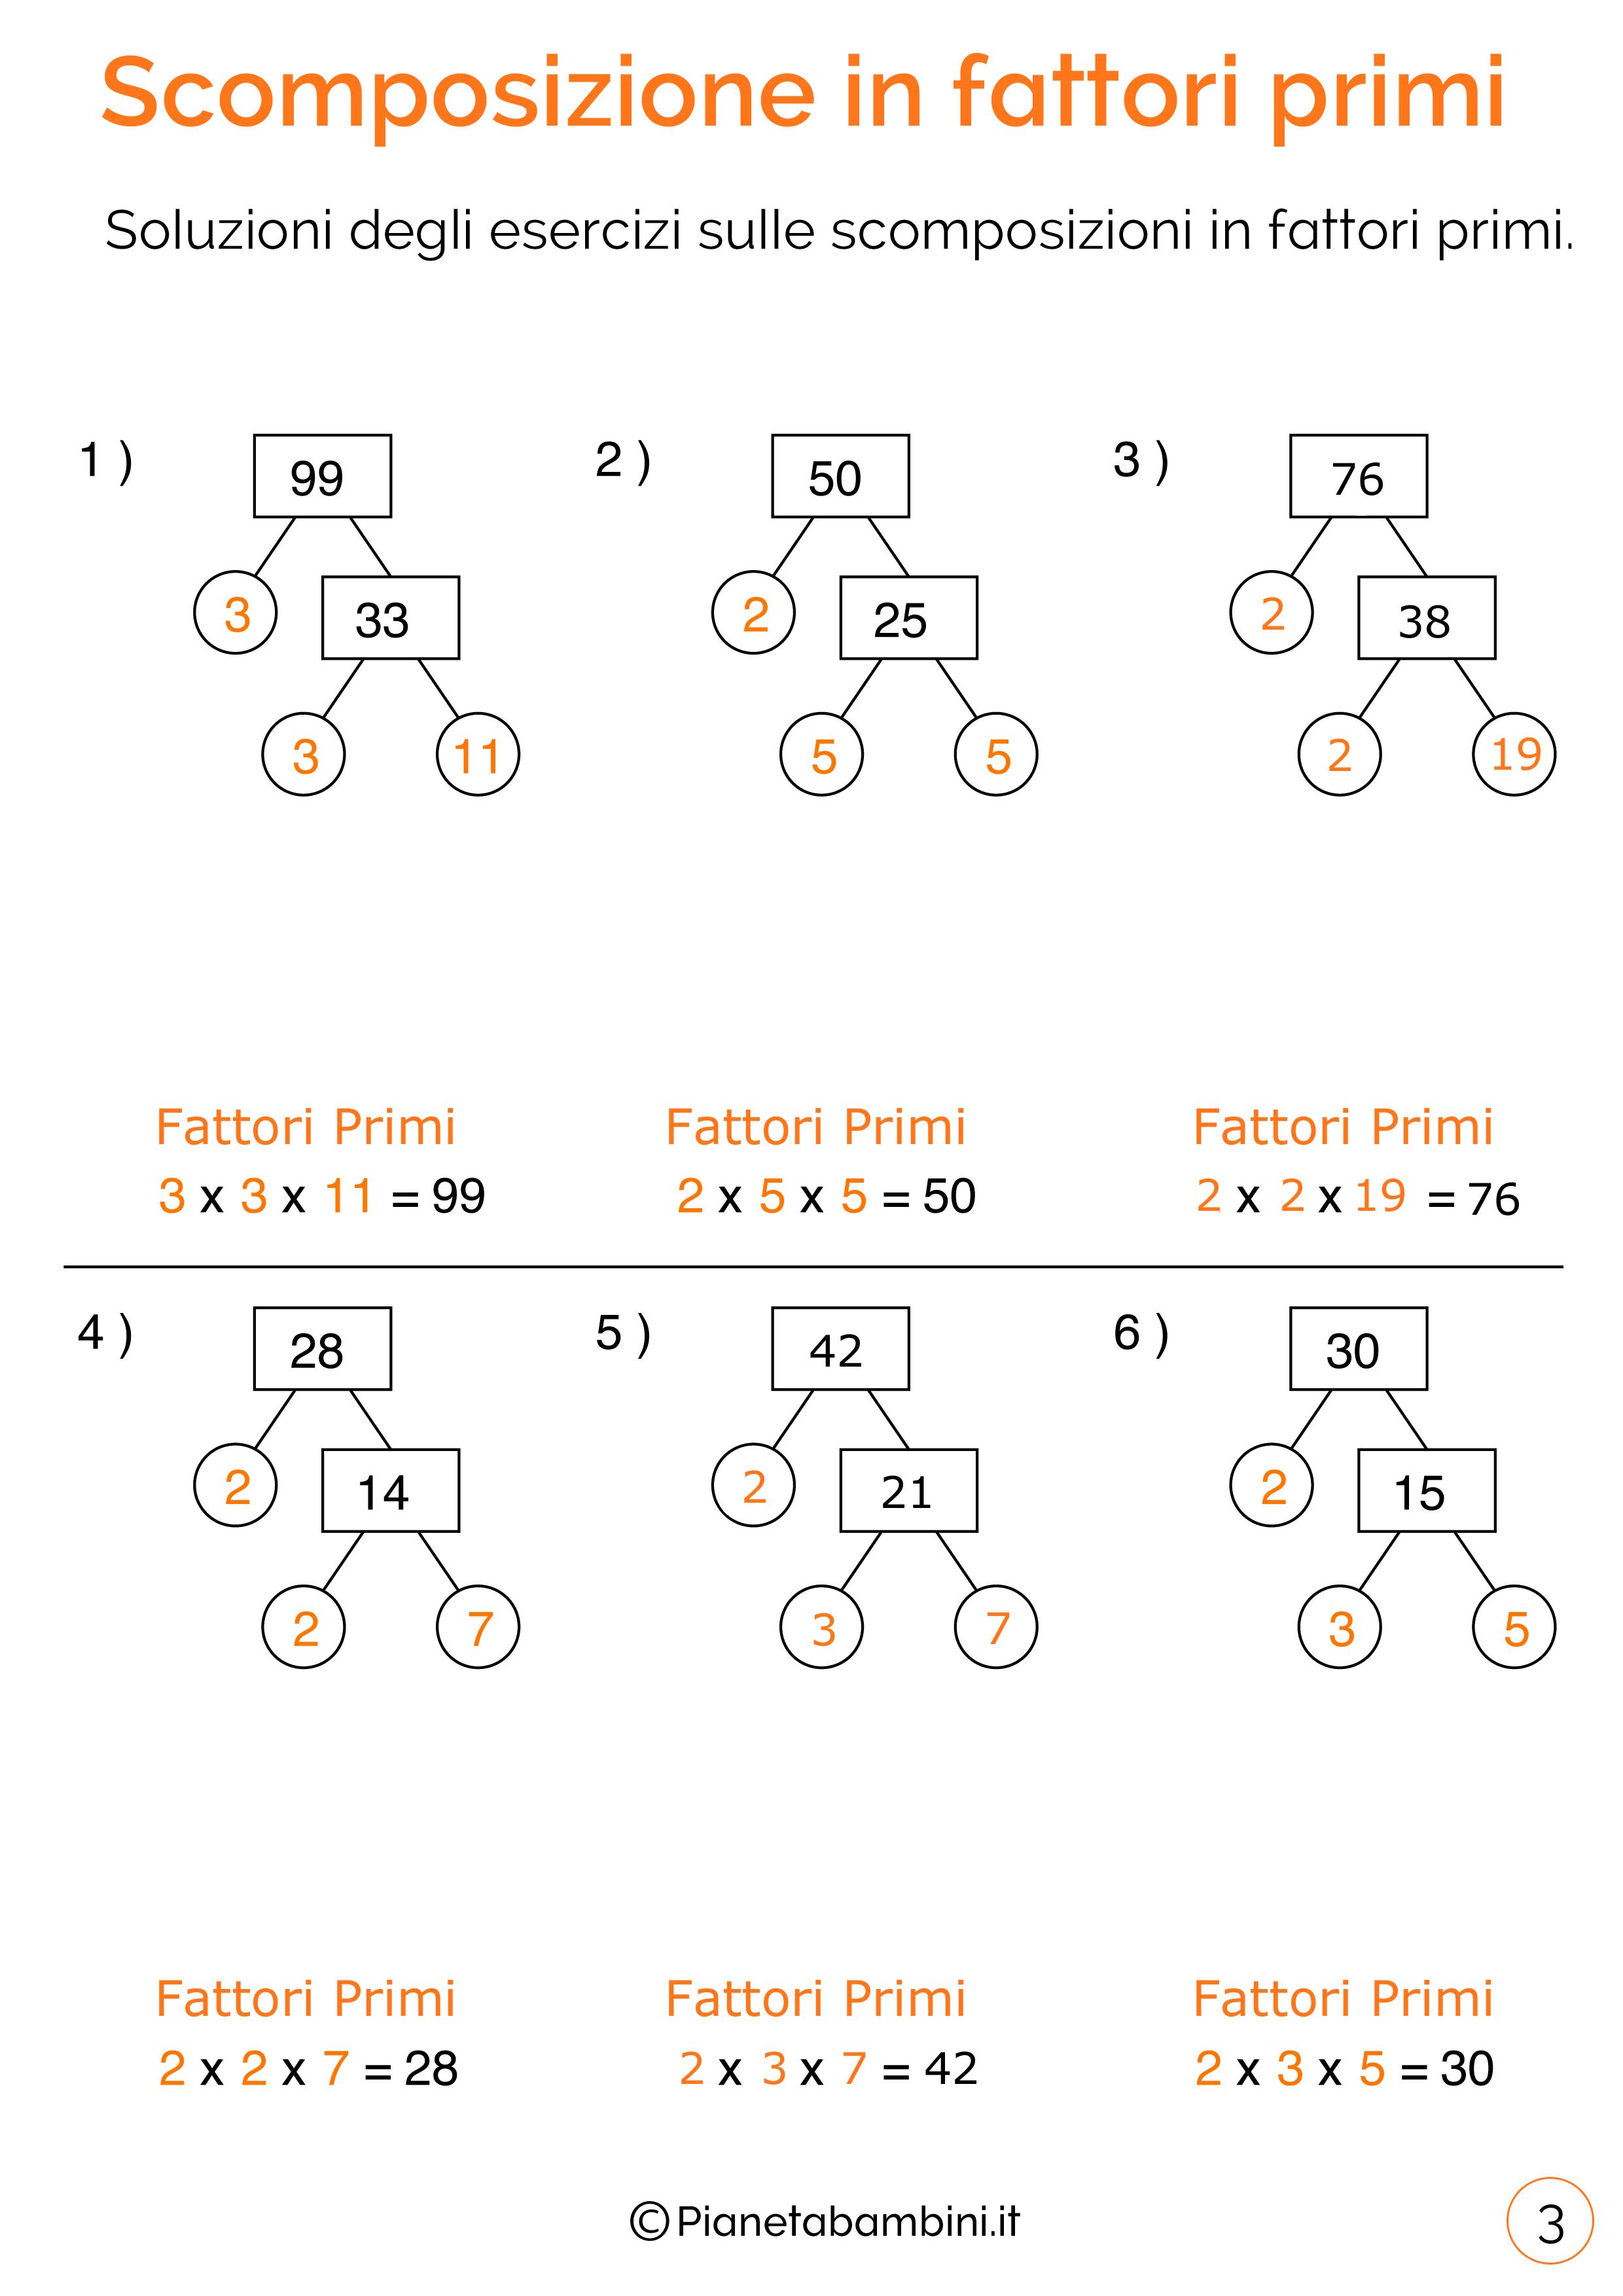 Soluzioni-Scomposizione-Fattori-Primi-3